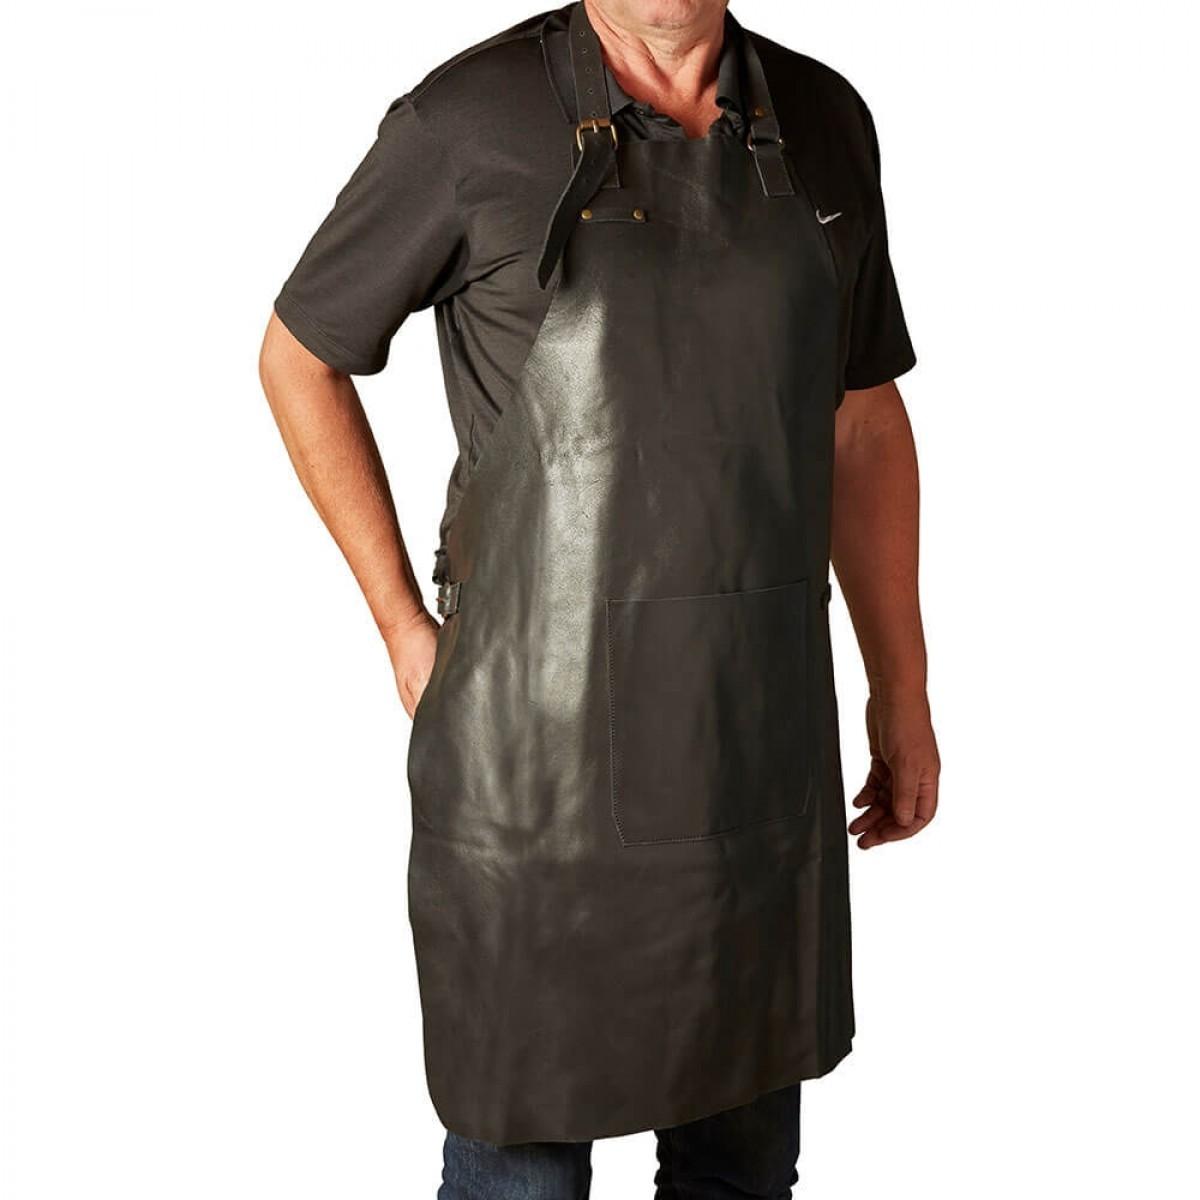 DACORE Skindforklæde m/lomme grå/blå